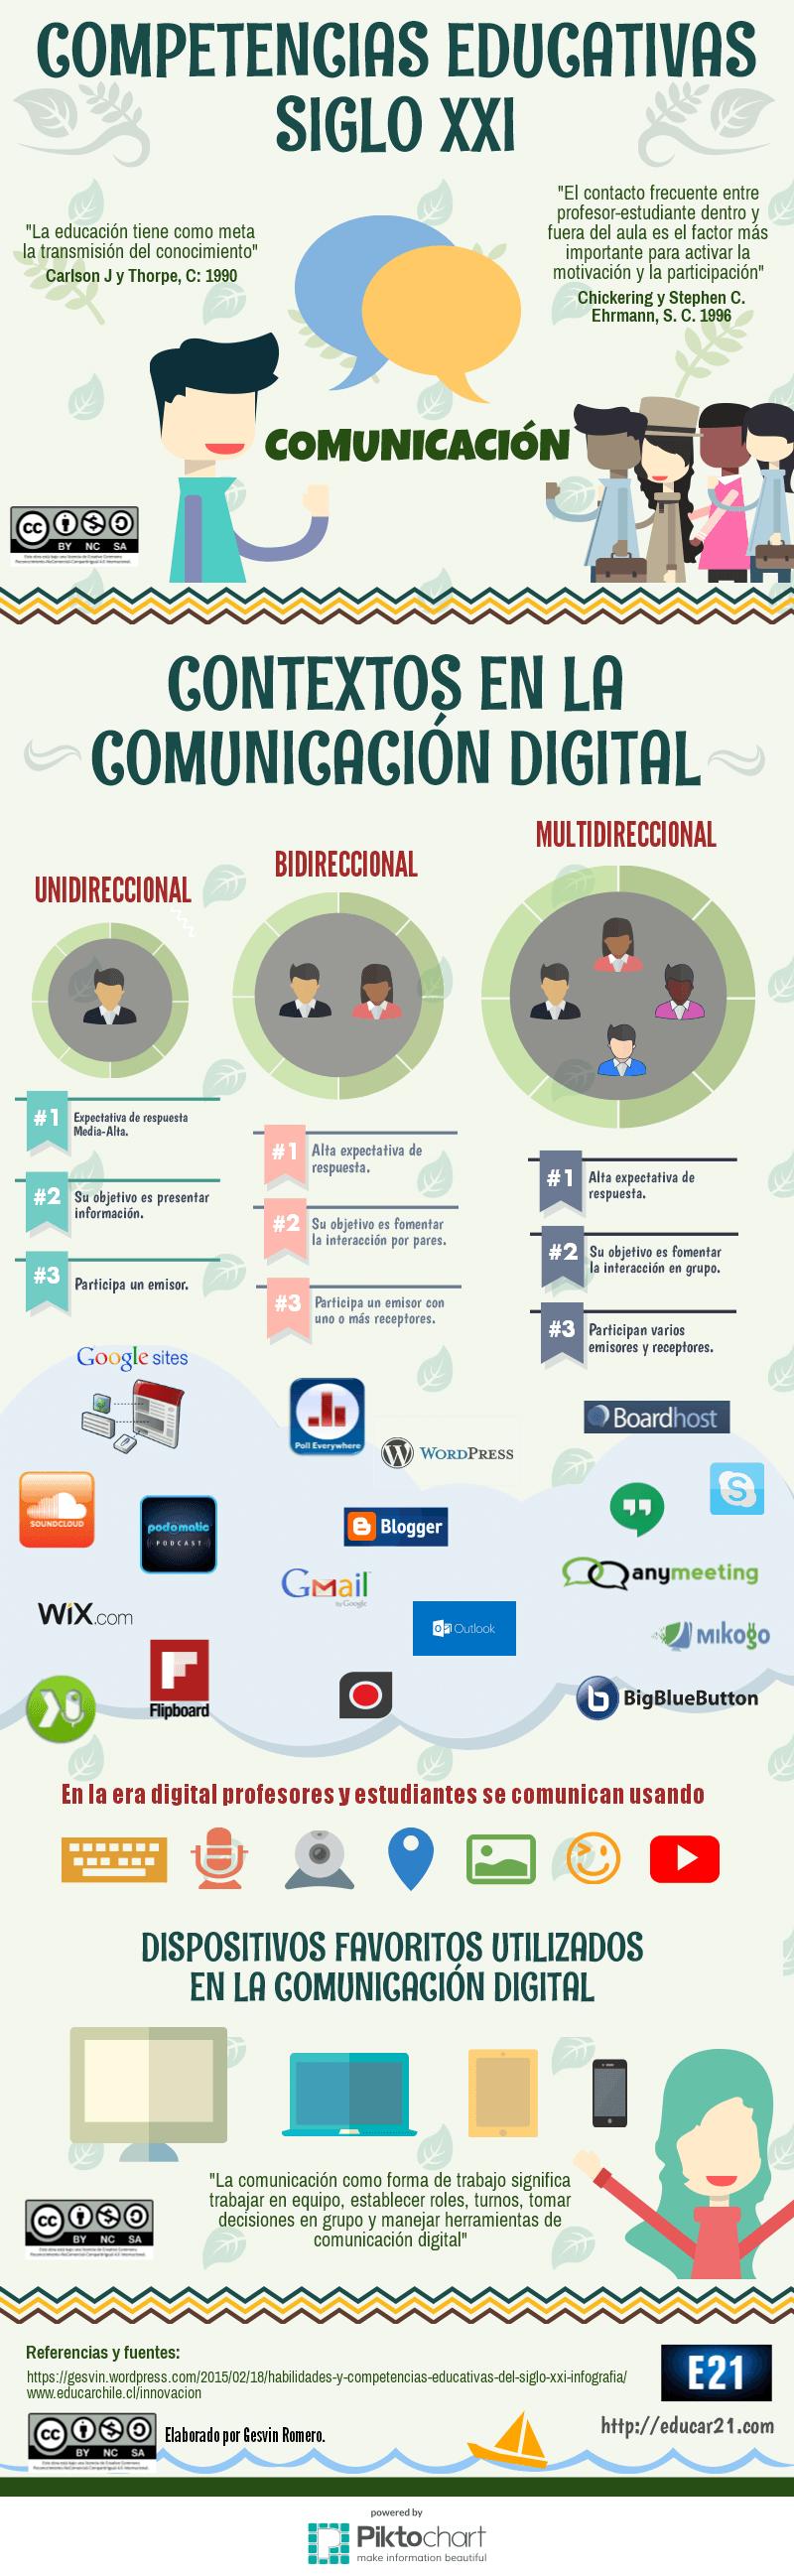 Competencias Educativas del Siglo XXI